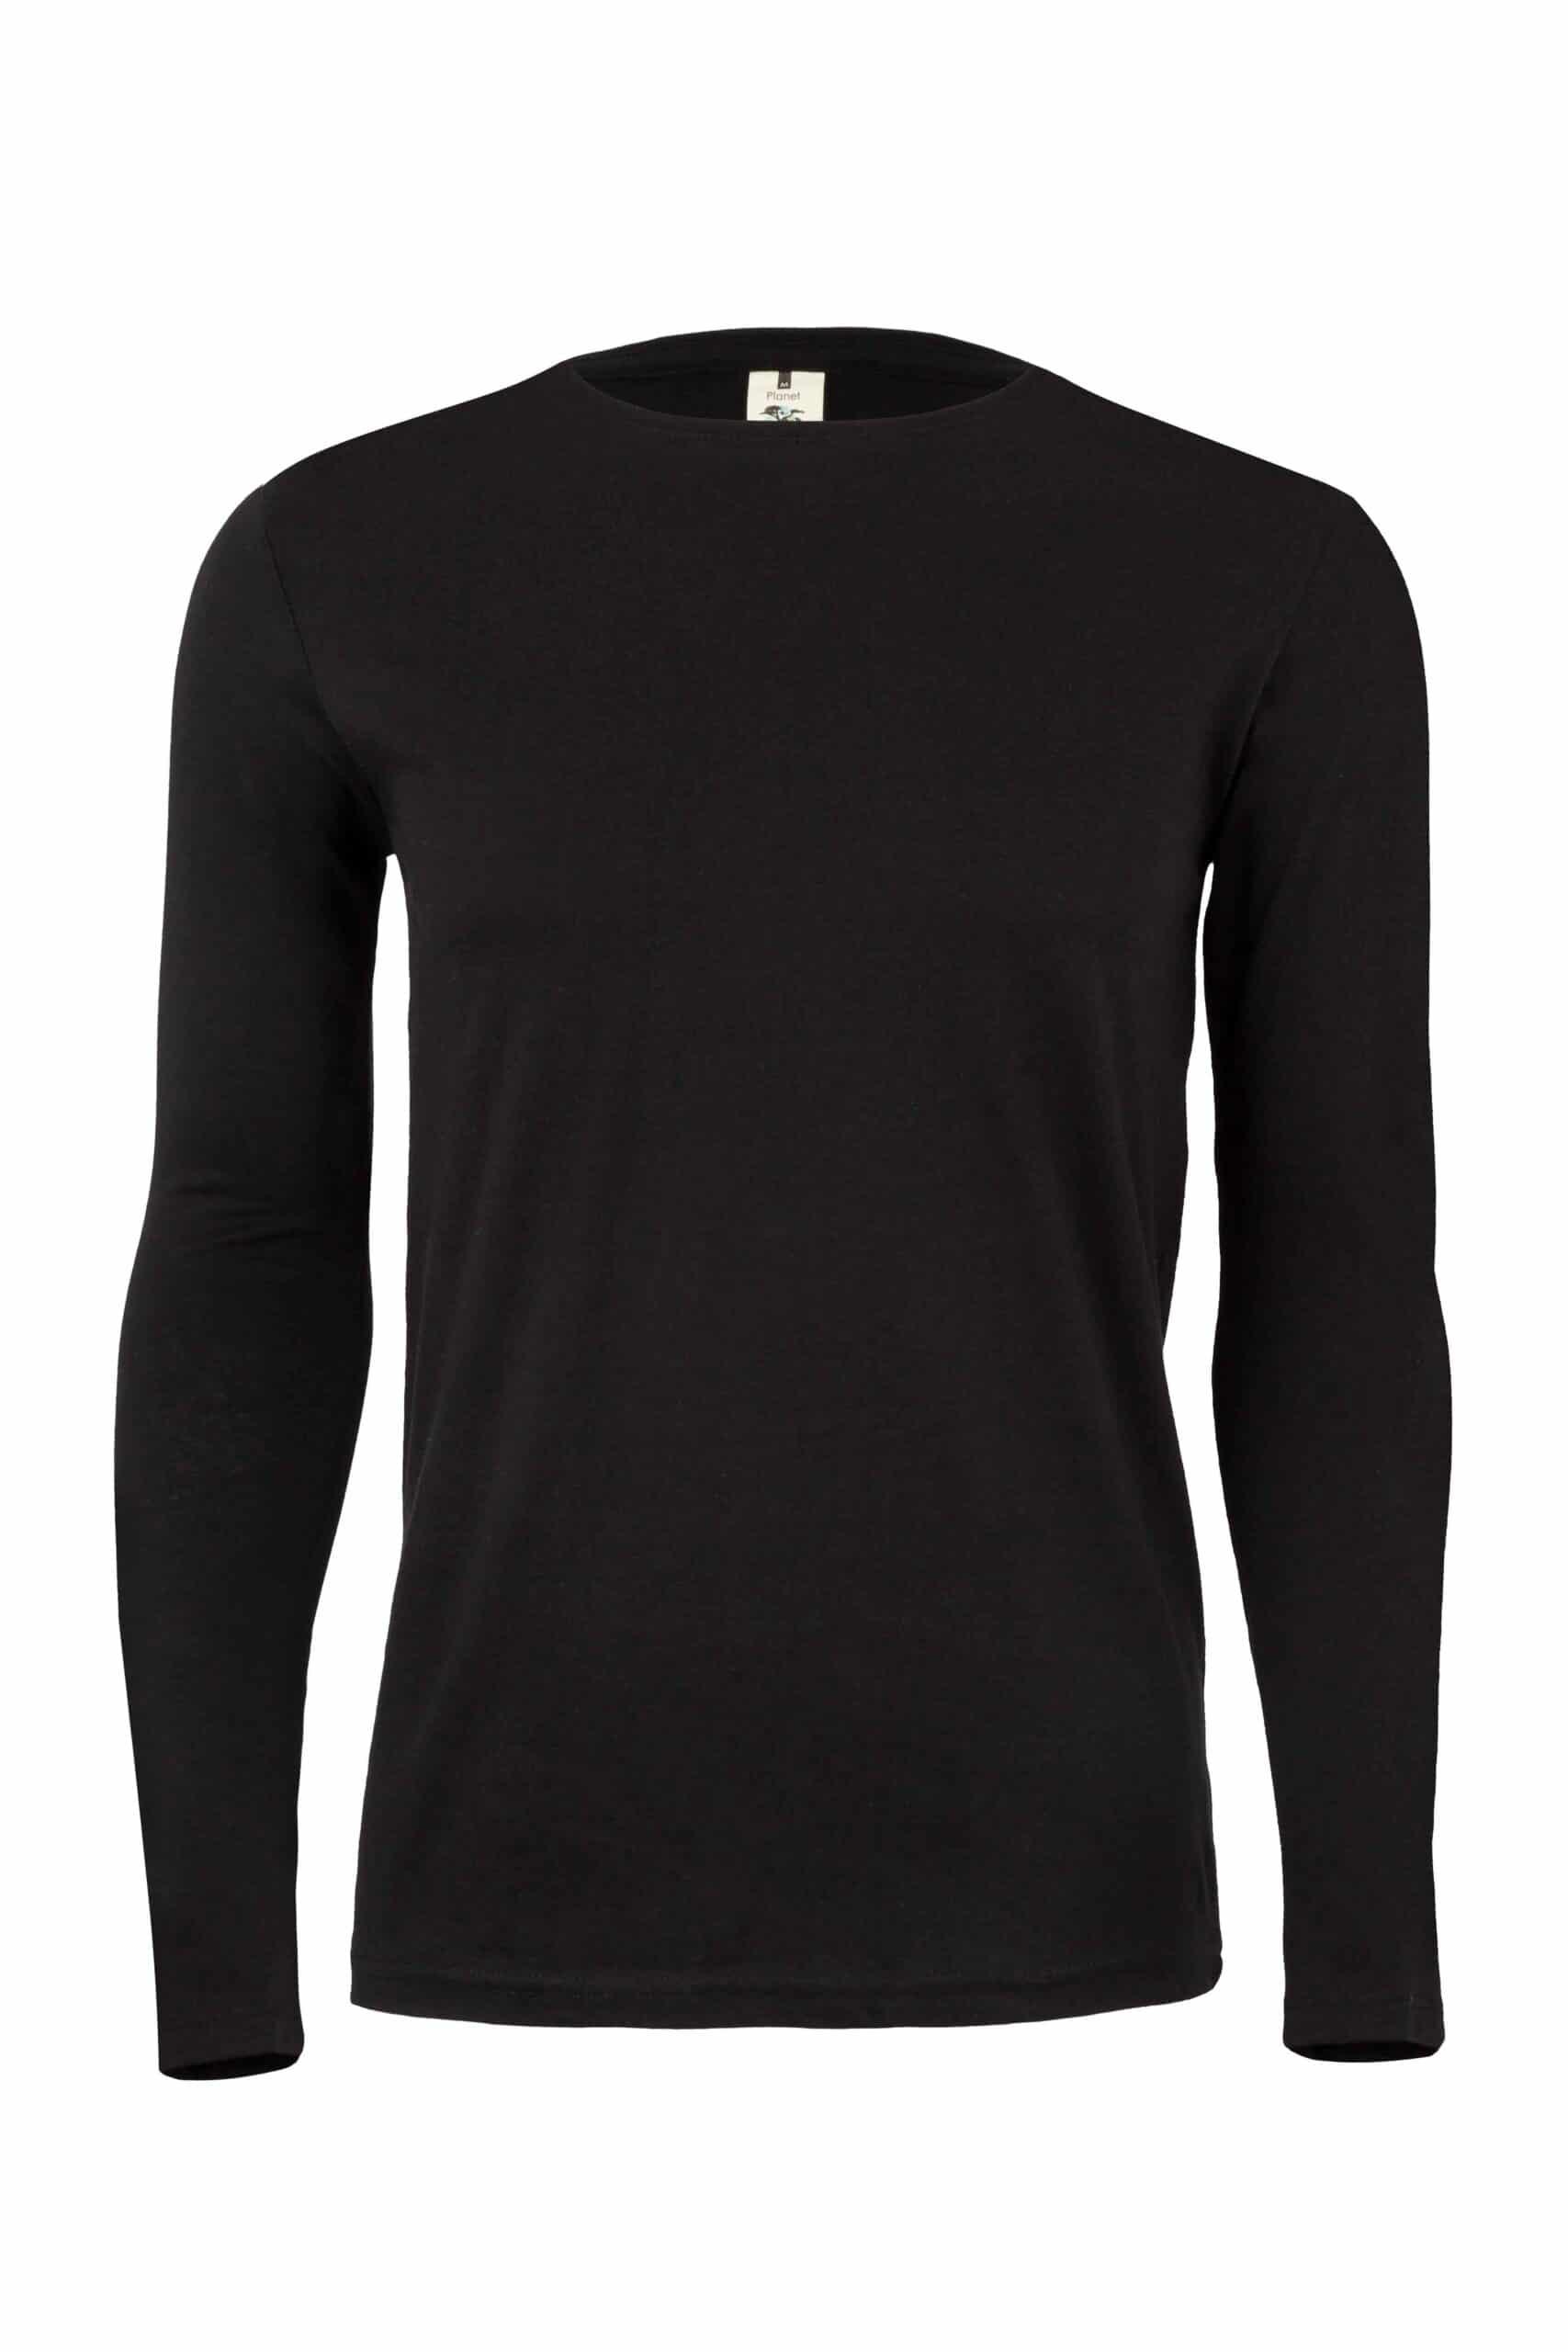 Mukua Mk156cv Camiseta Manga Larga 150gr Black